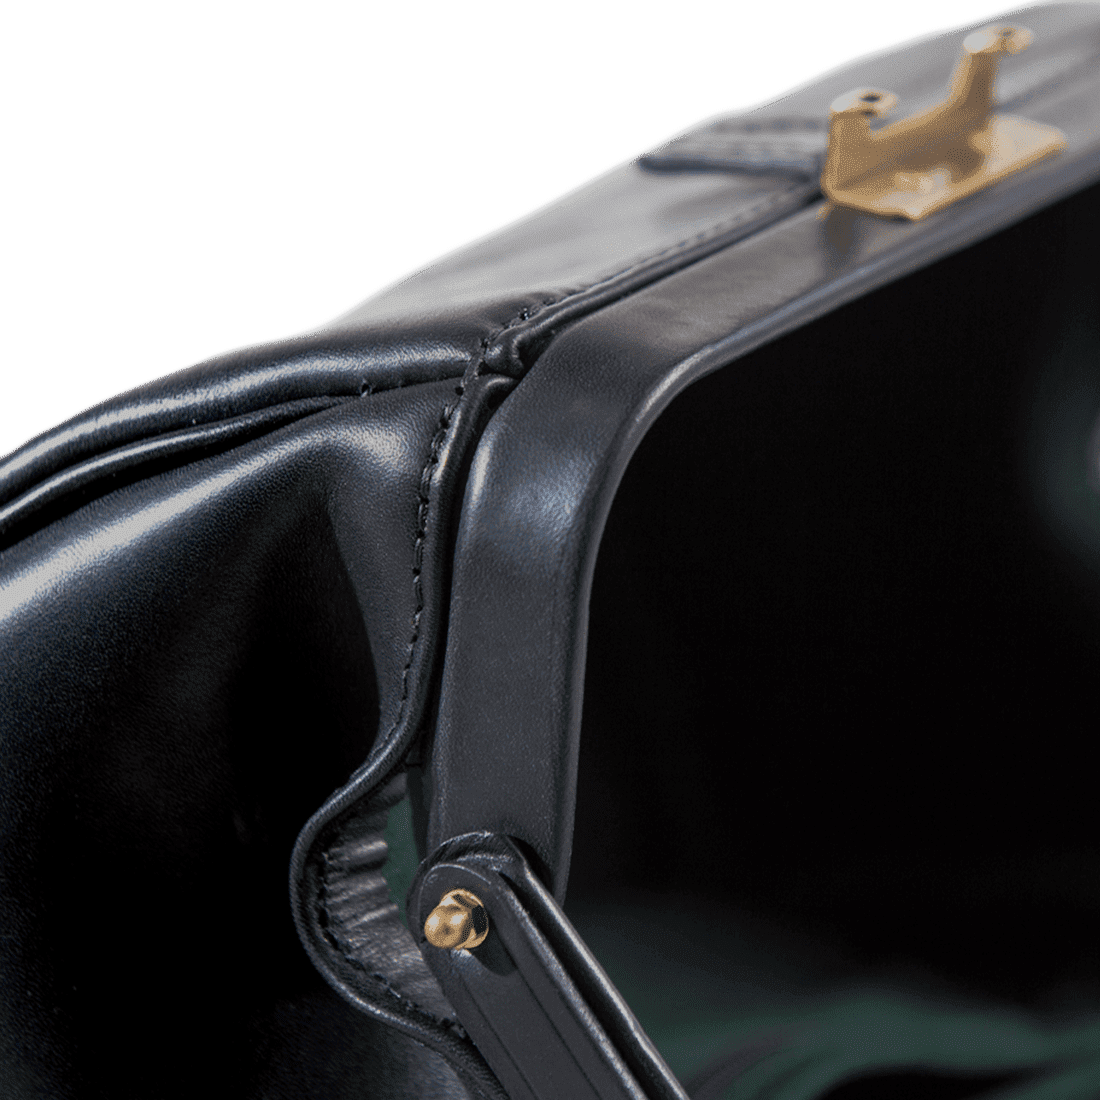 The Gladstonette matt black